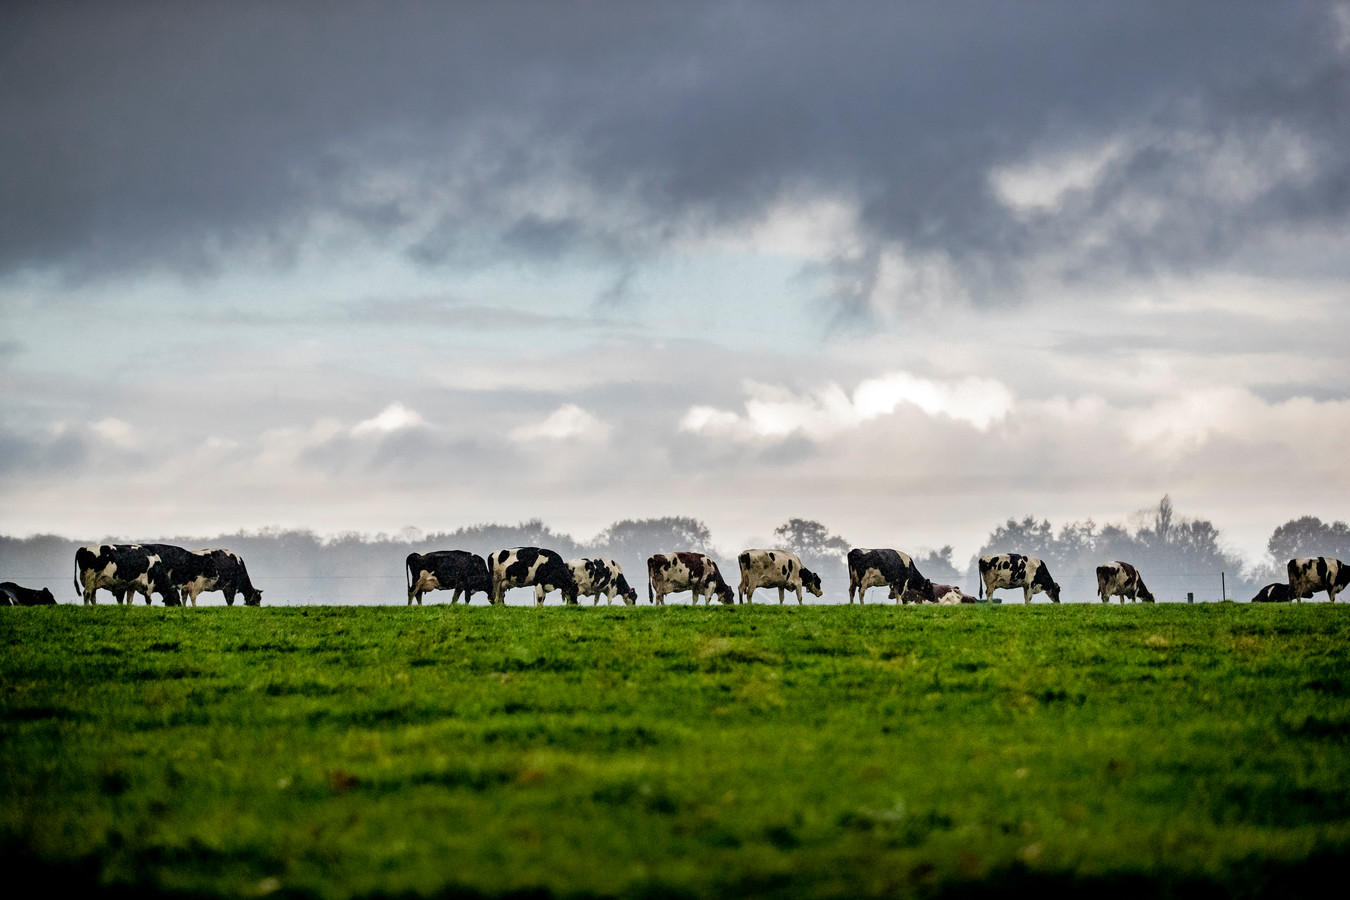 Koeien in de wei, ze krijgen vanaf september minder eiwit in hun krachtvoer.